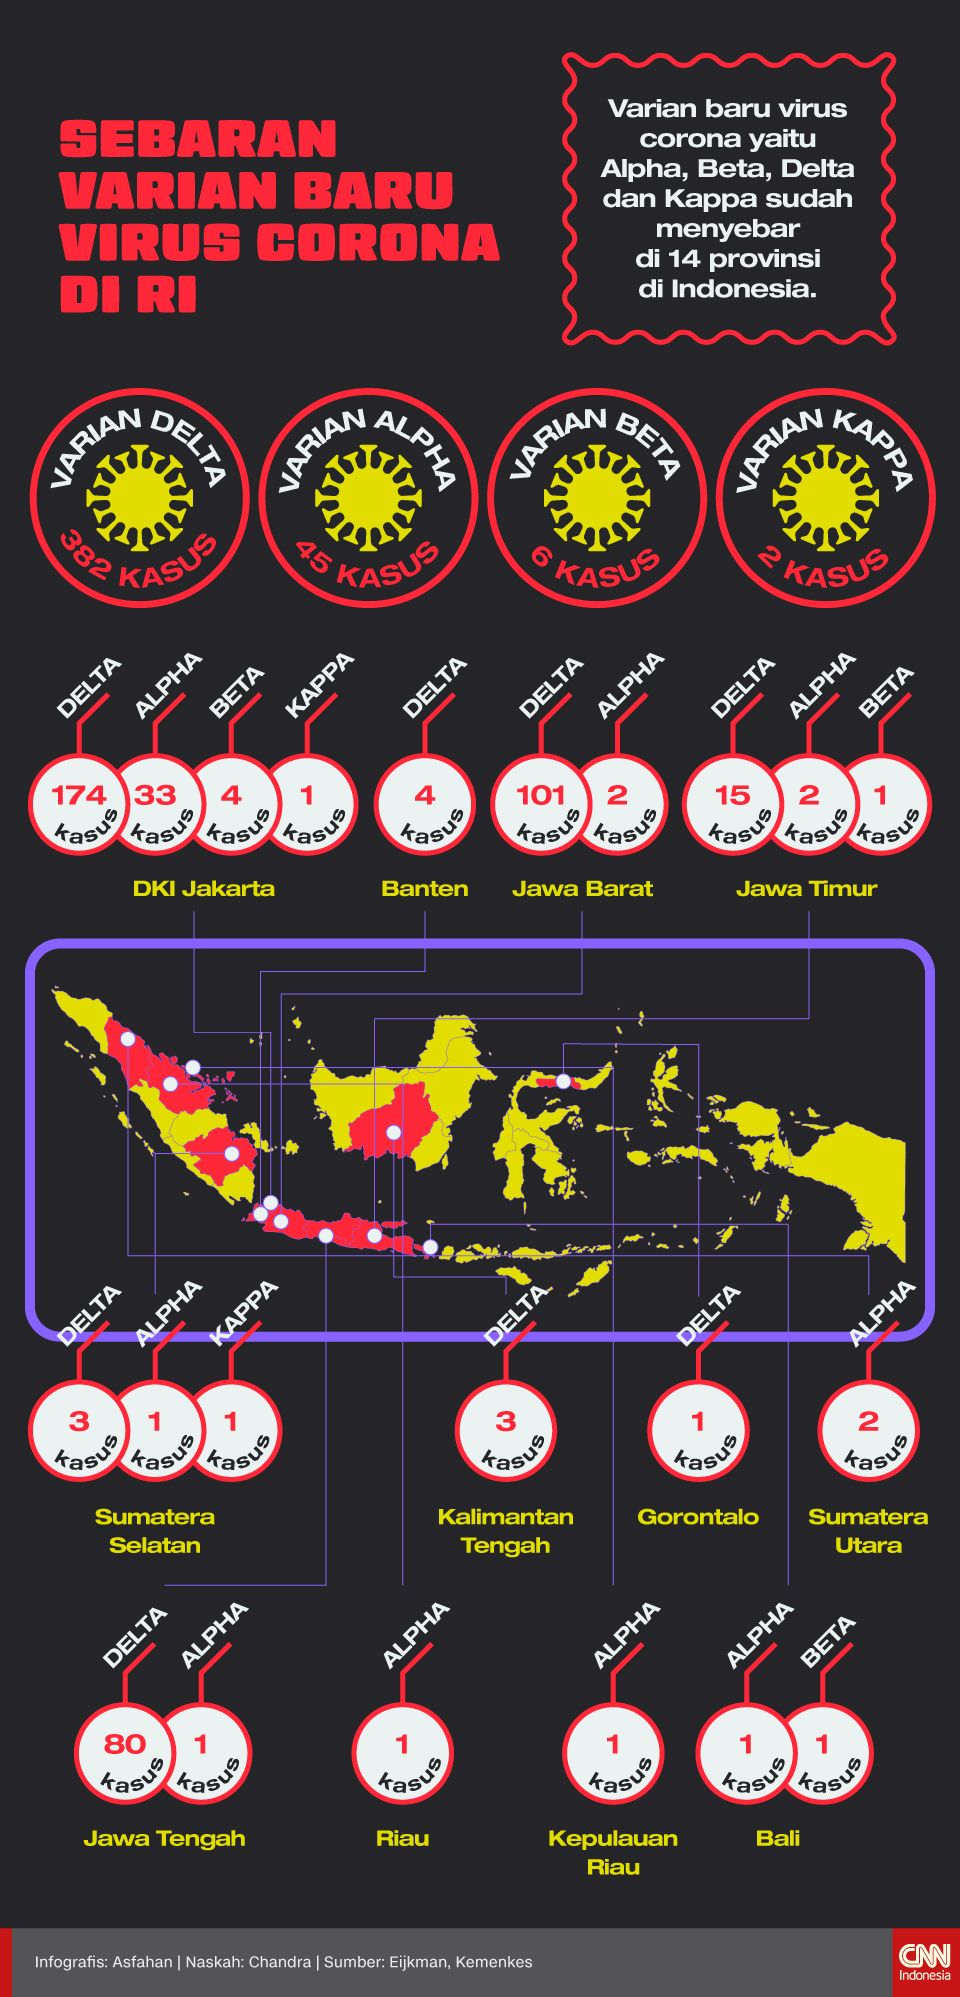 Infografis Sebaran Varian Baru Virus Corona di RI 0